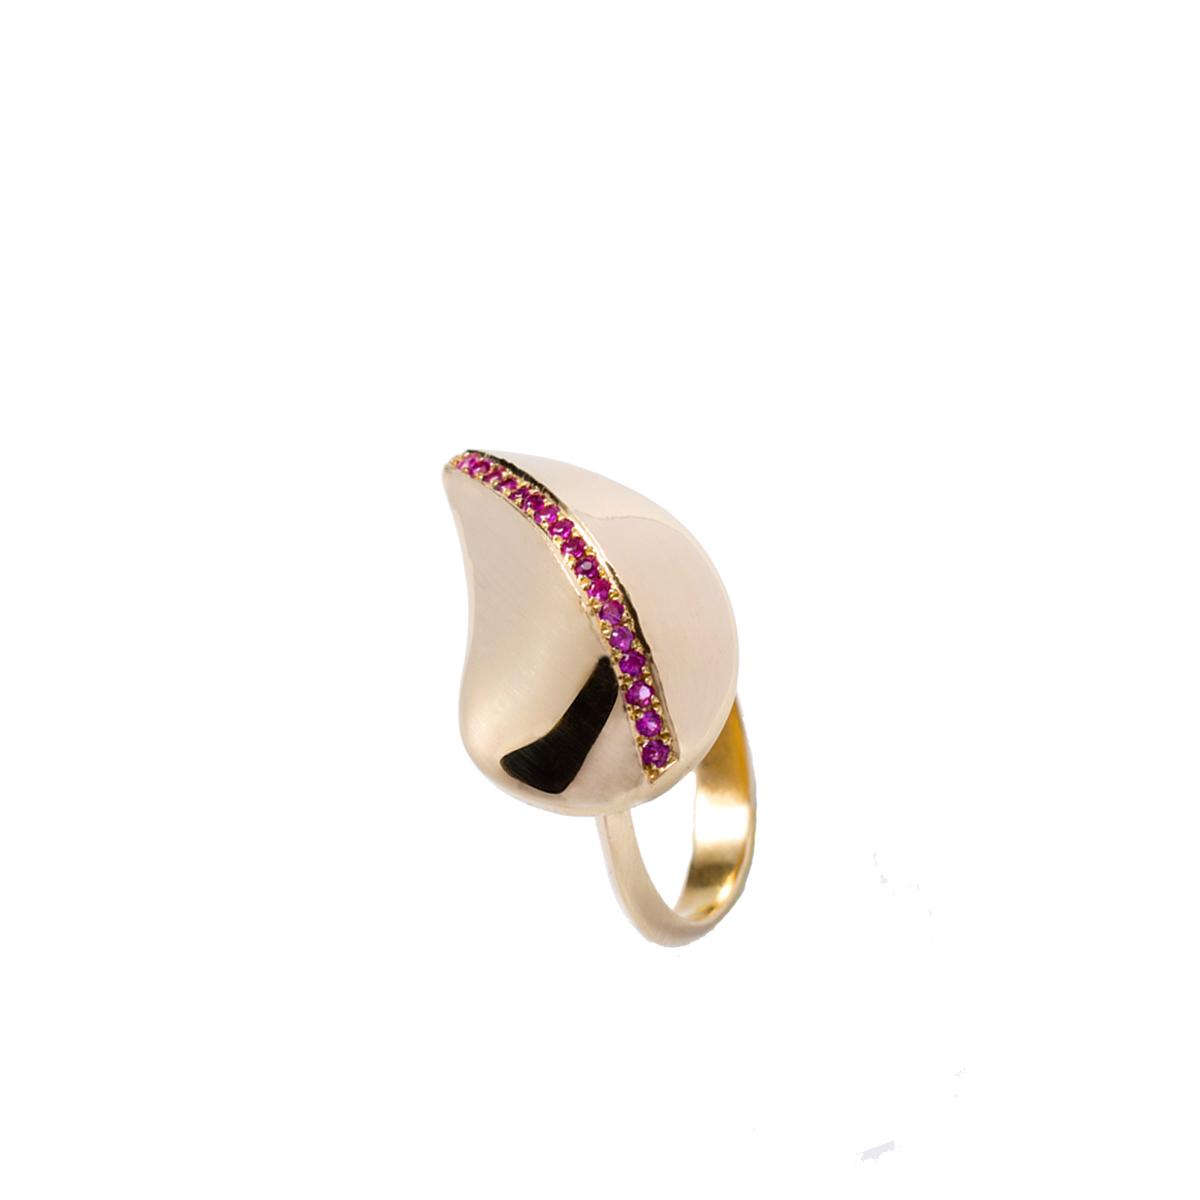 טבעת זהב מעוצבת בצורת עלה משובצת שורת אבני רובי